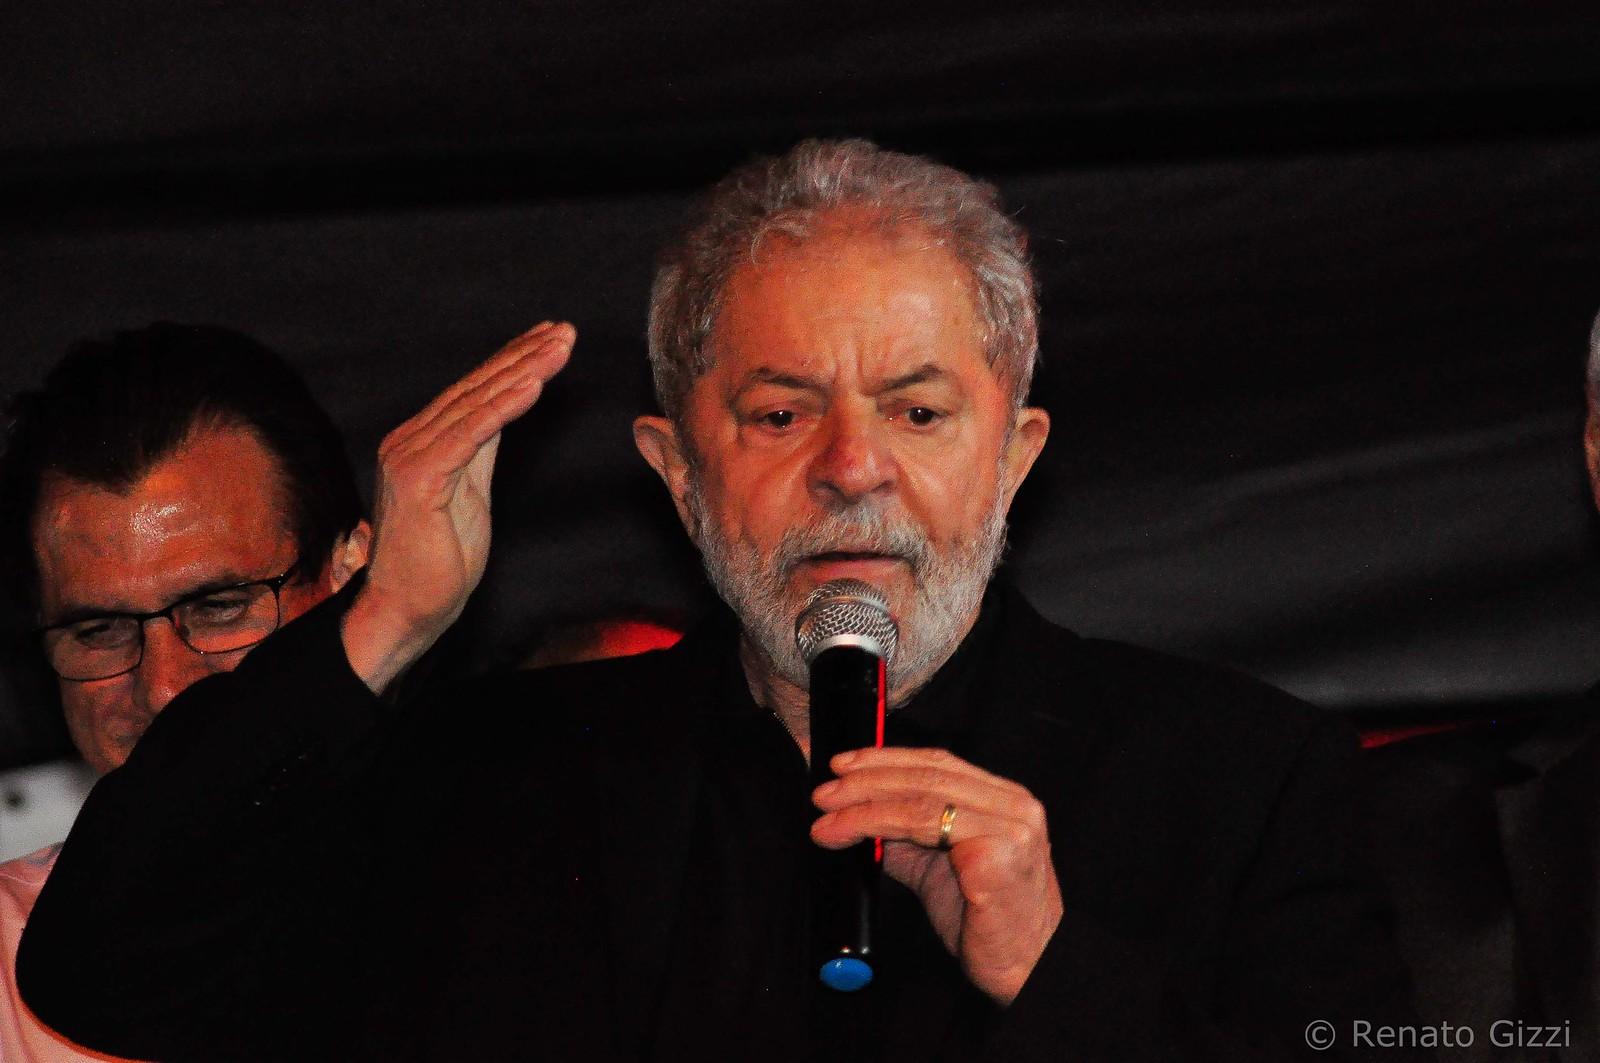 ลูลา ดา ซิลวา ภาพโดย Renato Gizzi